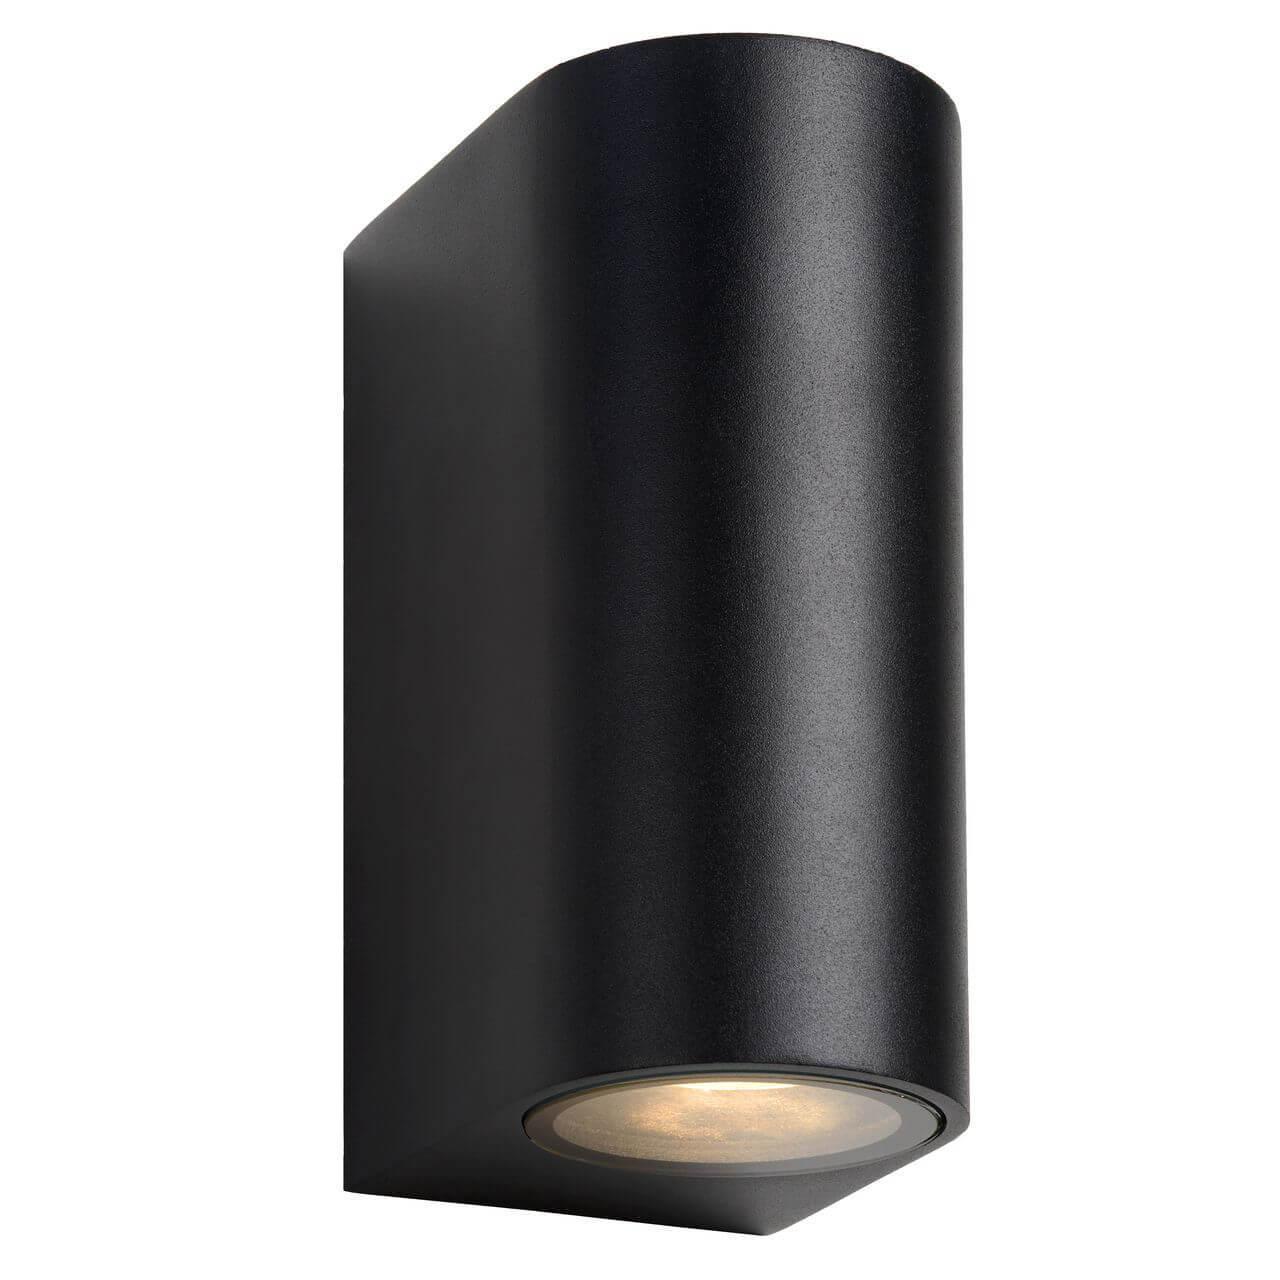 Уличный светильник Lucide 22861/10/30, GU10 недорого